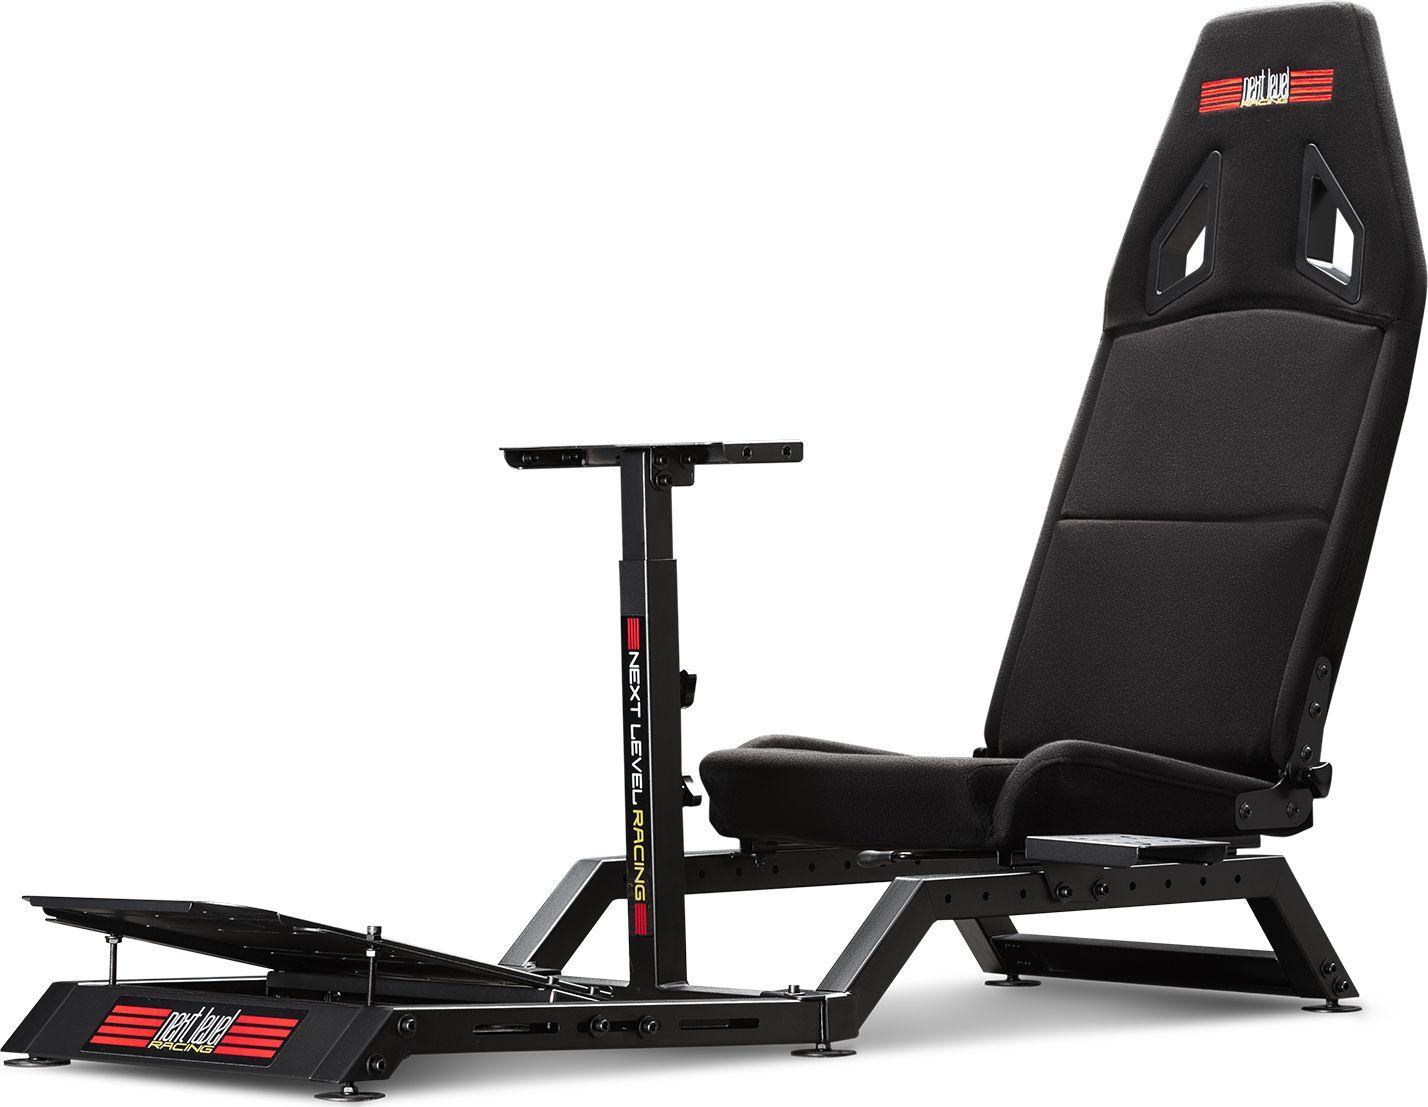 Fotel wyścigowy Next Level Racing NLR-S016 Kokpit CHALLENGER